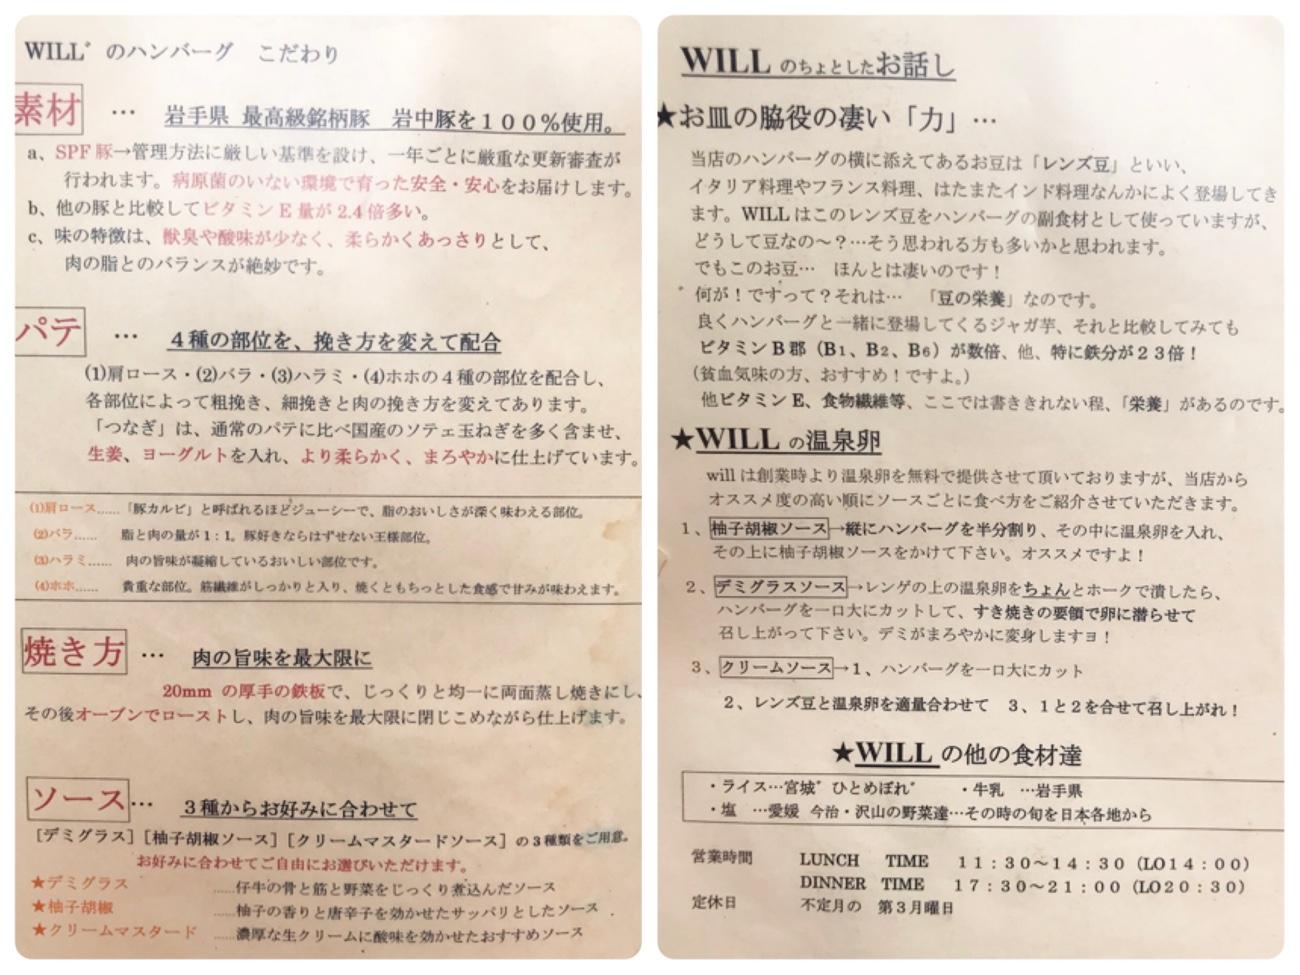 岩中豚 豚肉ハンバーグ人気店 ハンバーグウィル 新宿のこだわり